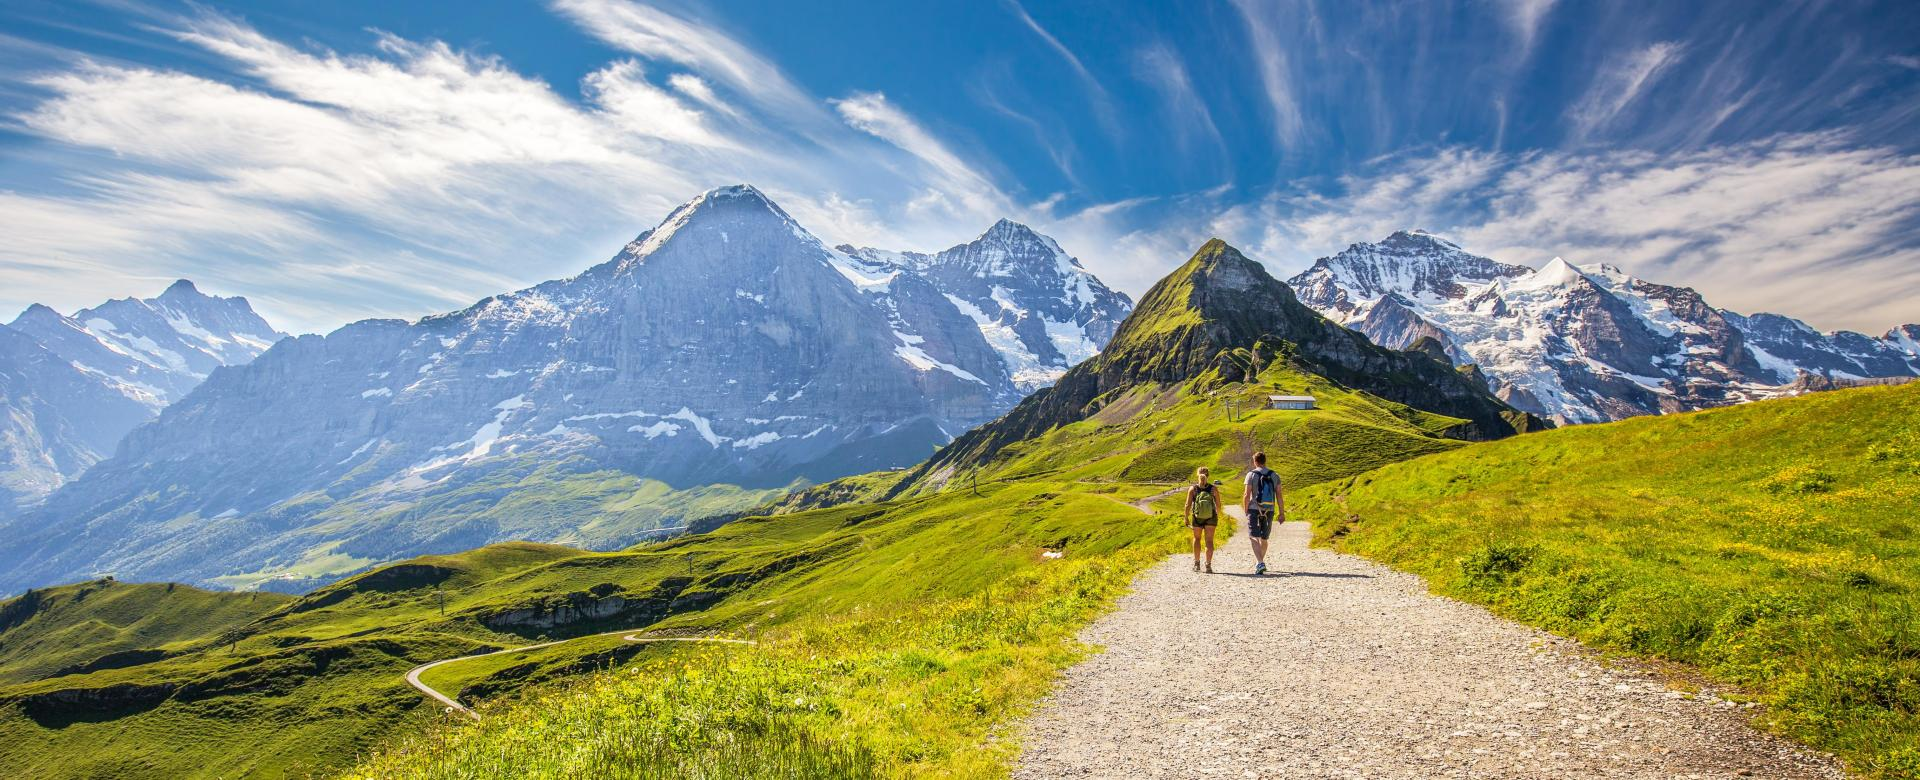 Voyage à pied Suisse : La traversée de l'oberland